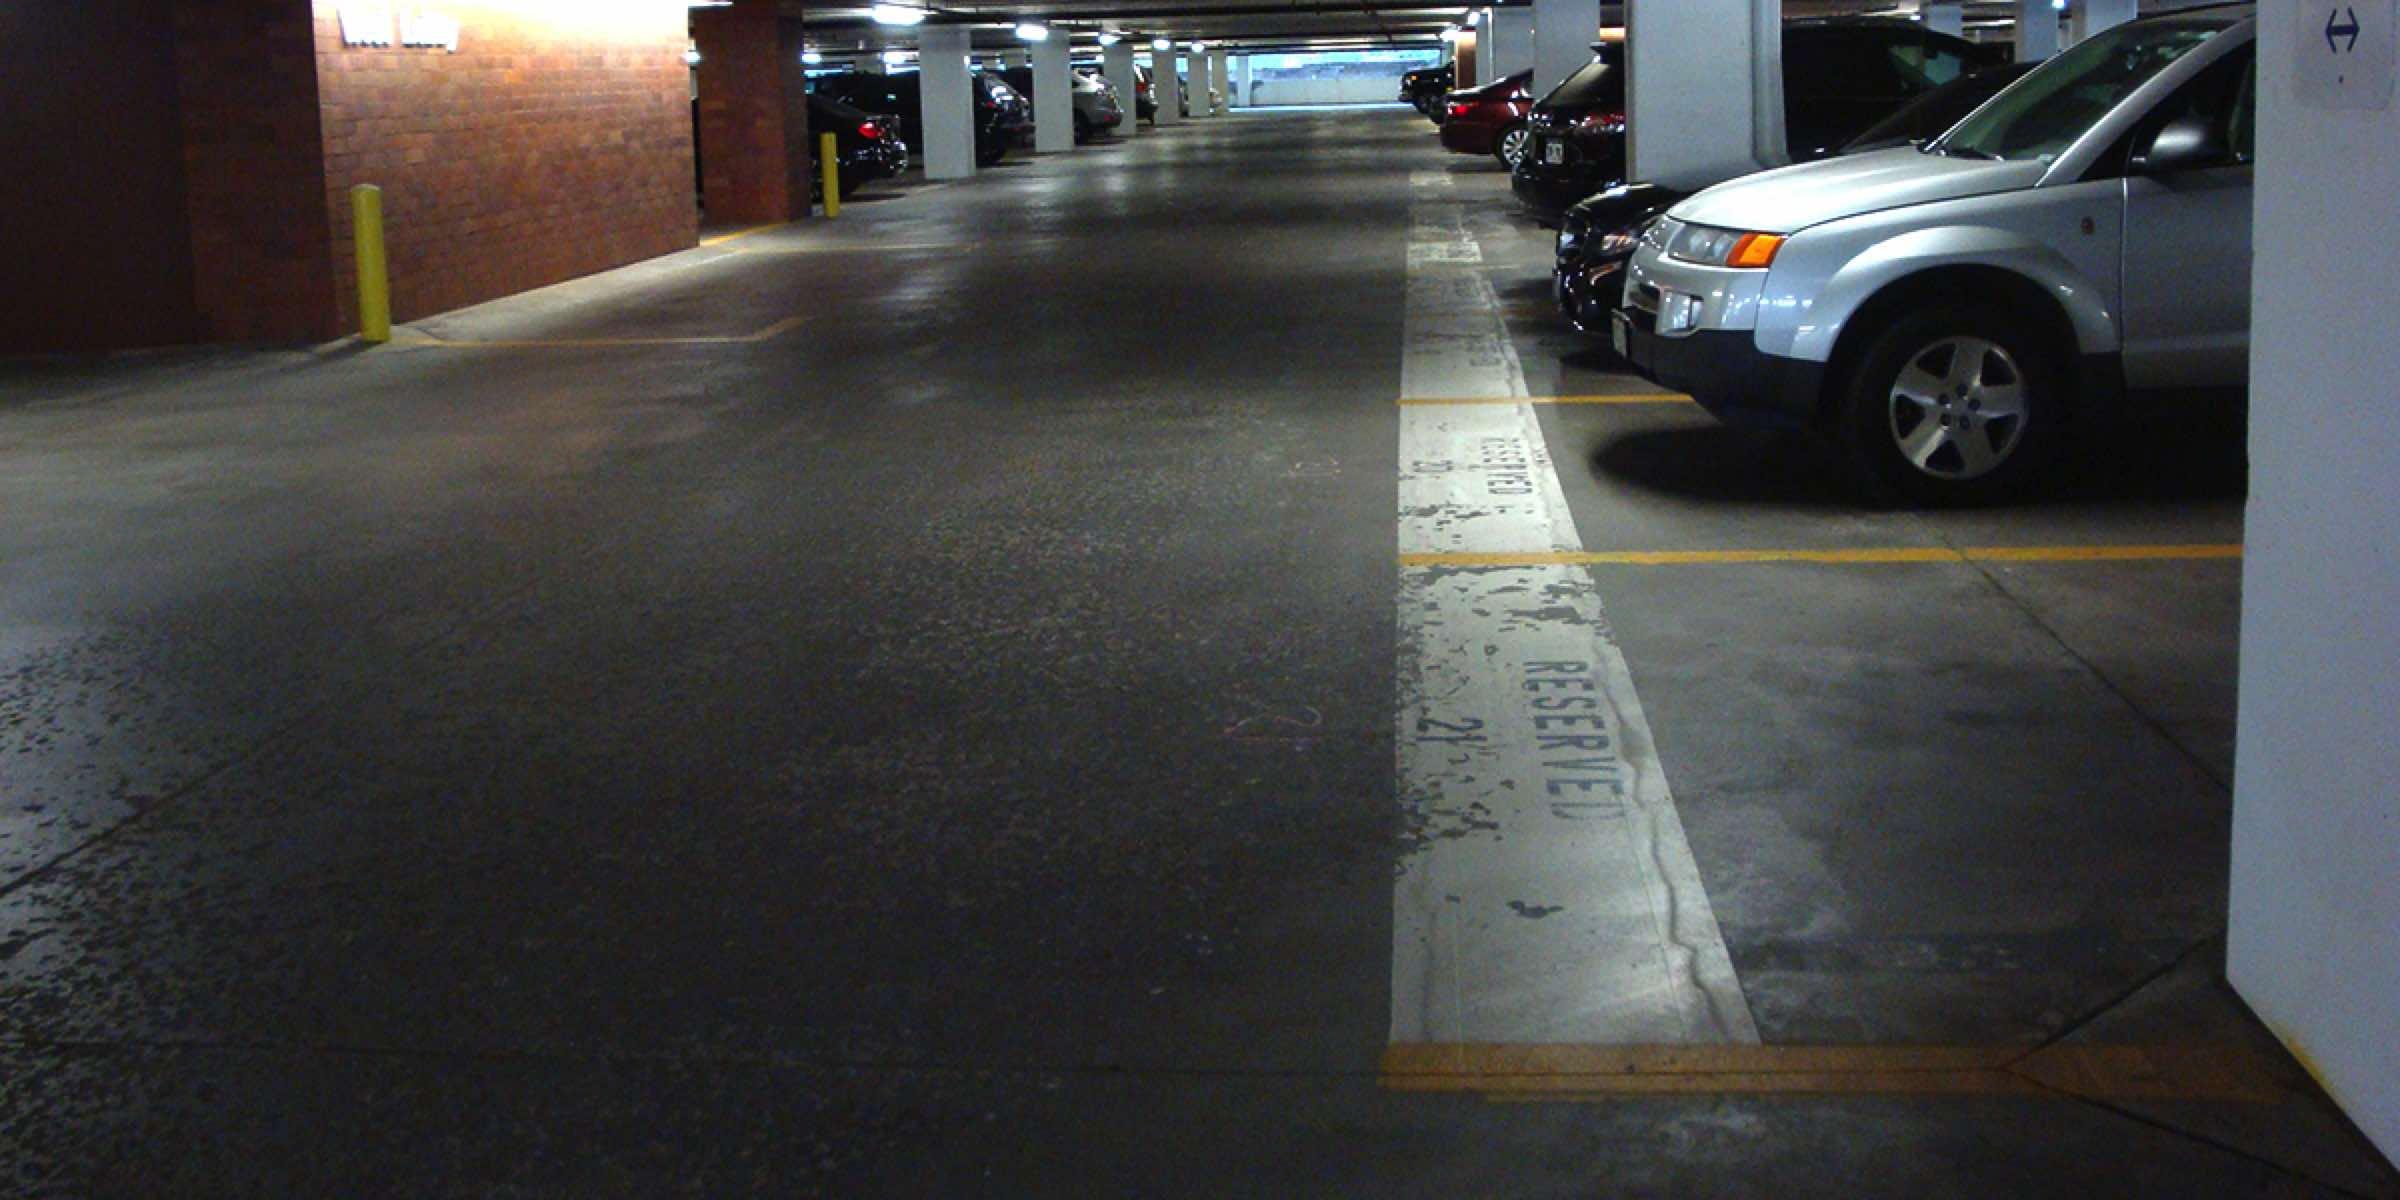 Parking Lot Indoor Garage